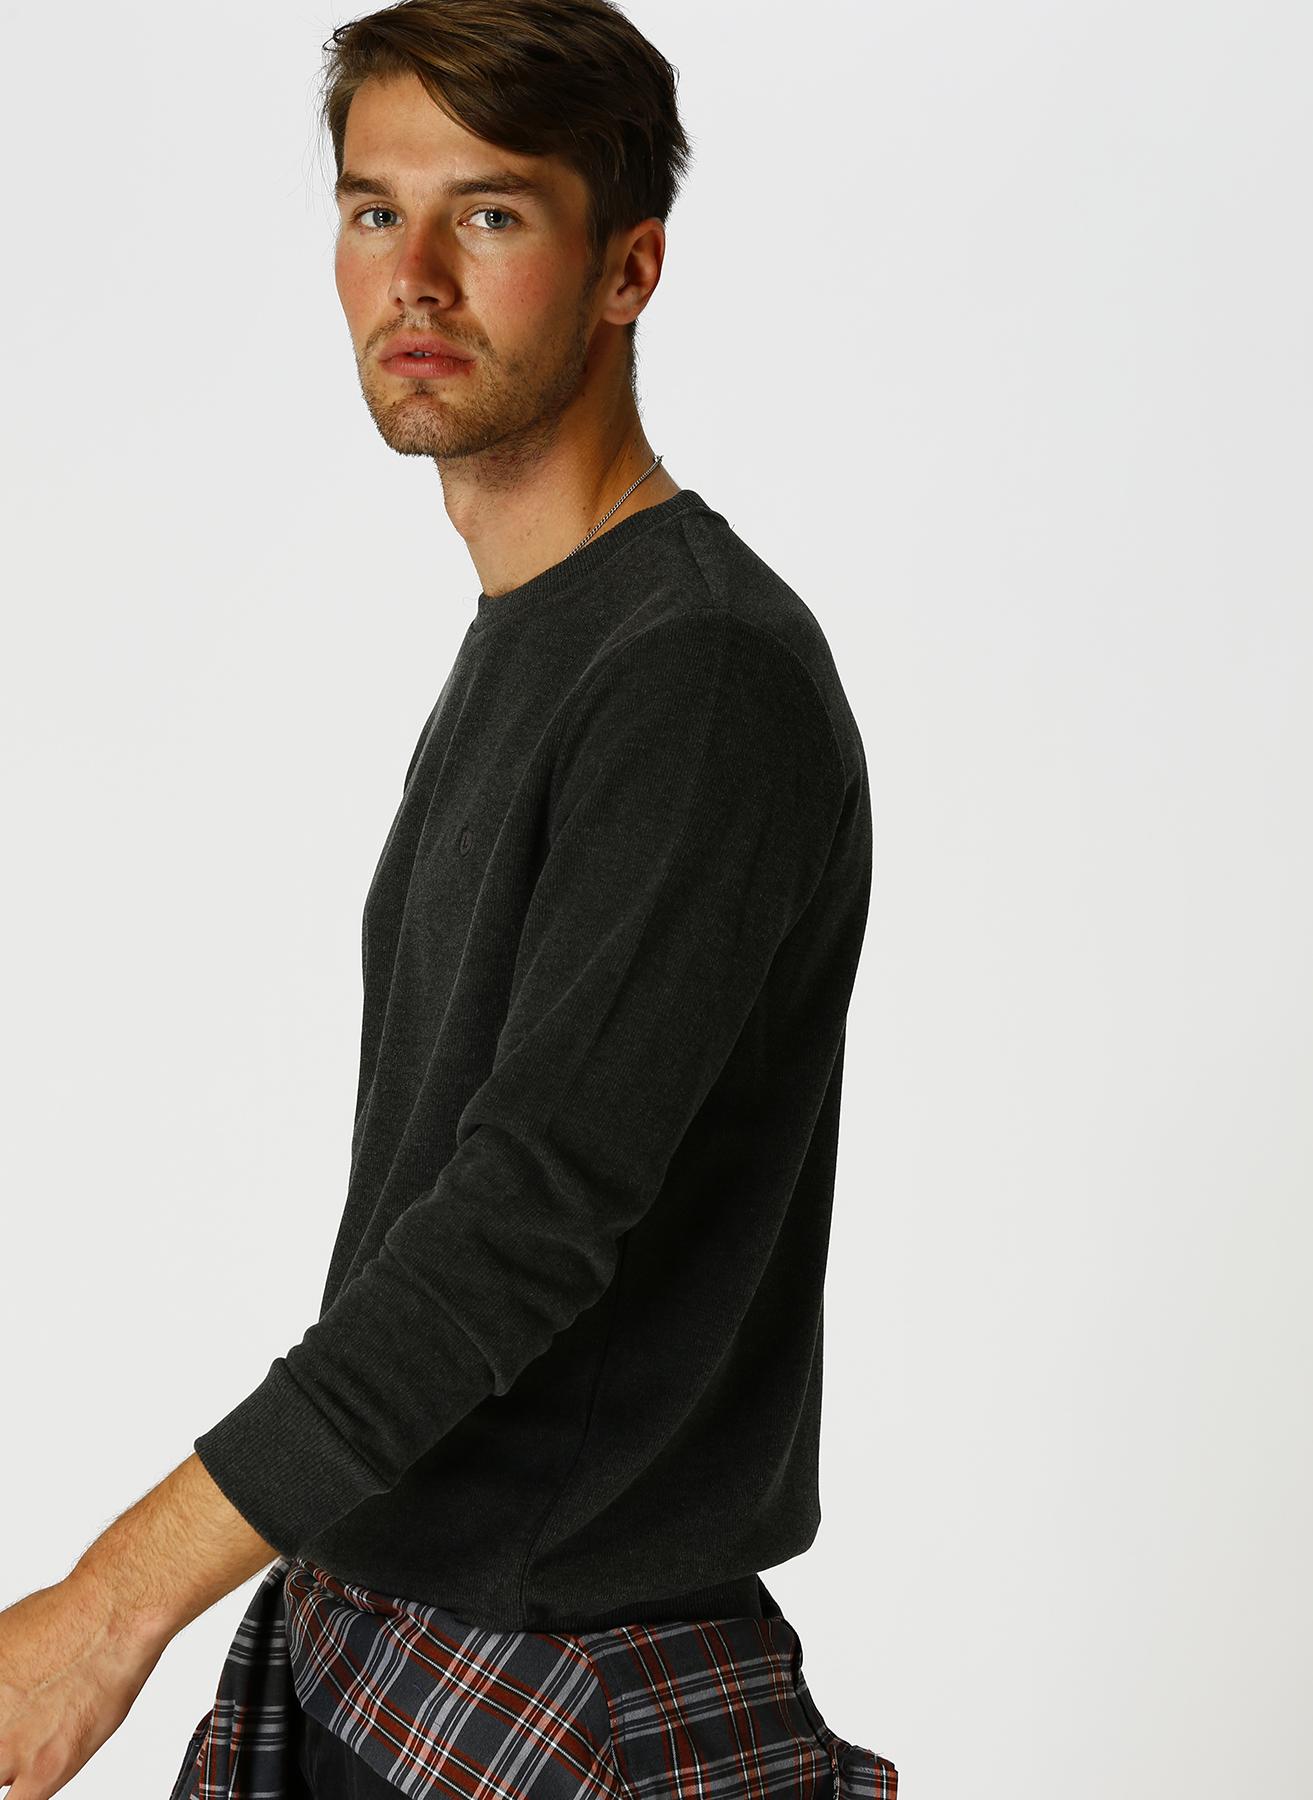 Limon Antrasit Melanj Sweatshirt 2XL 5001631868005 Ürün Resmi